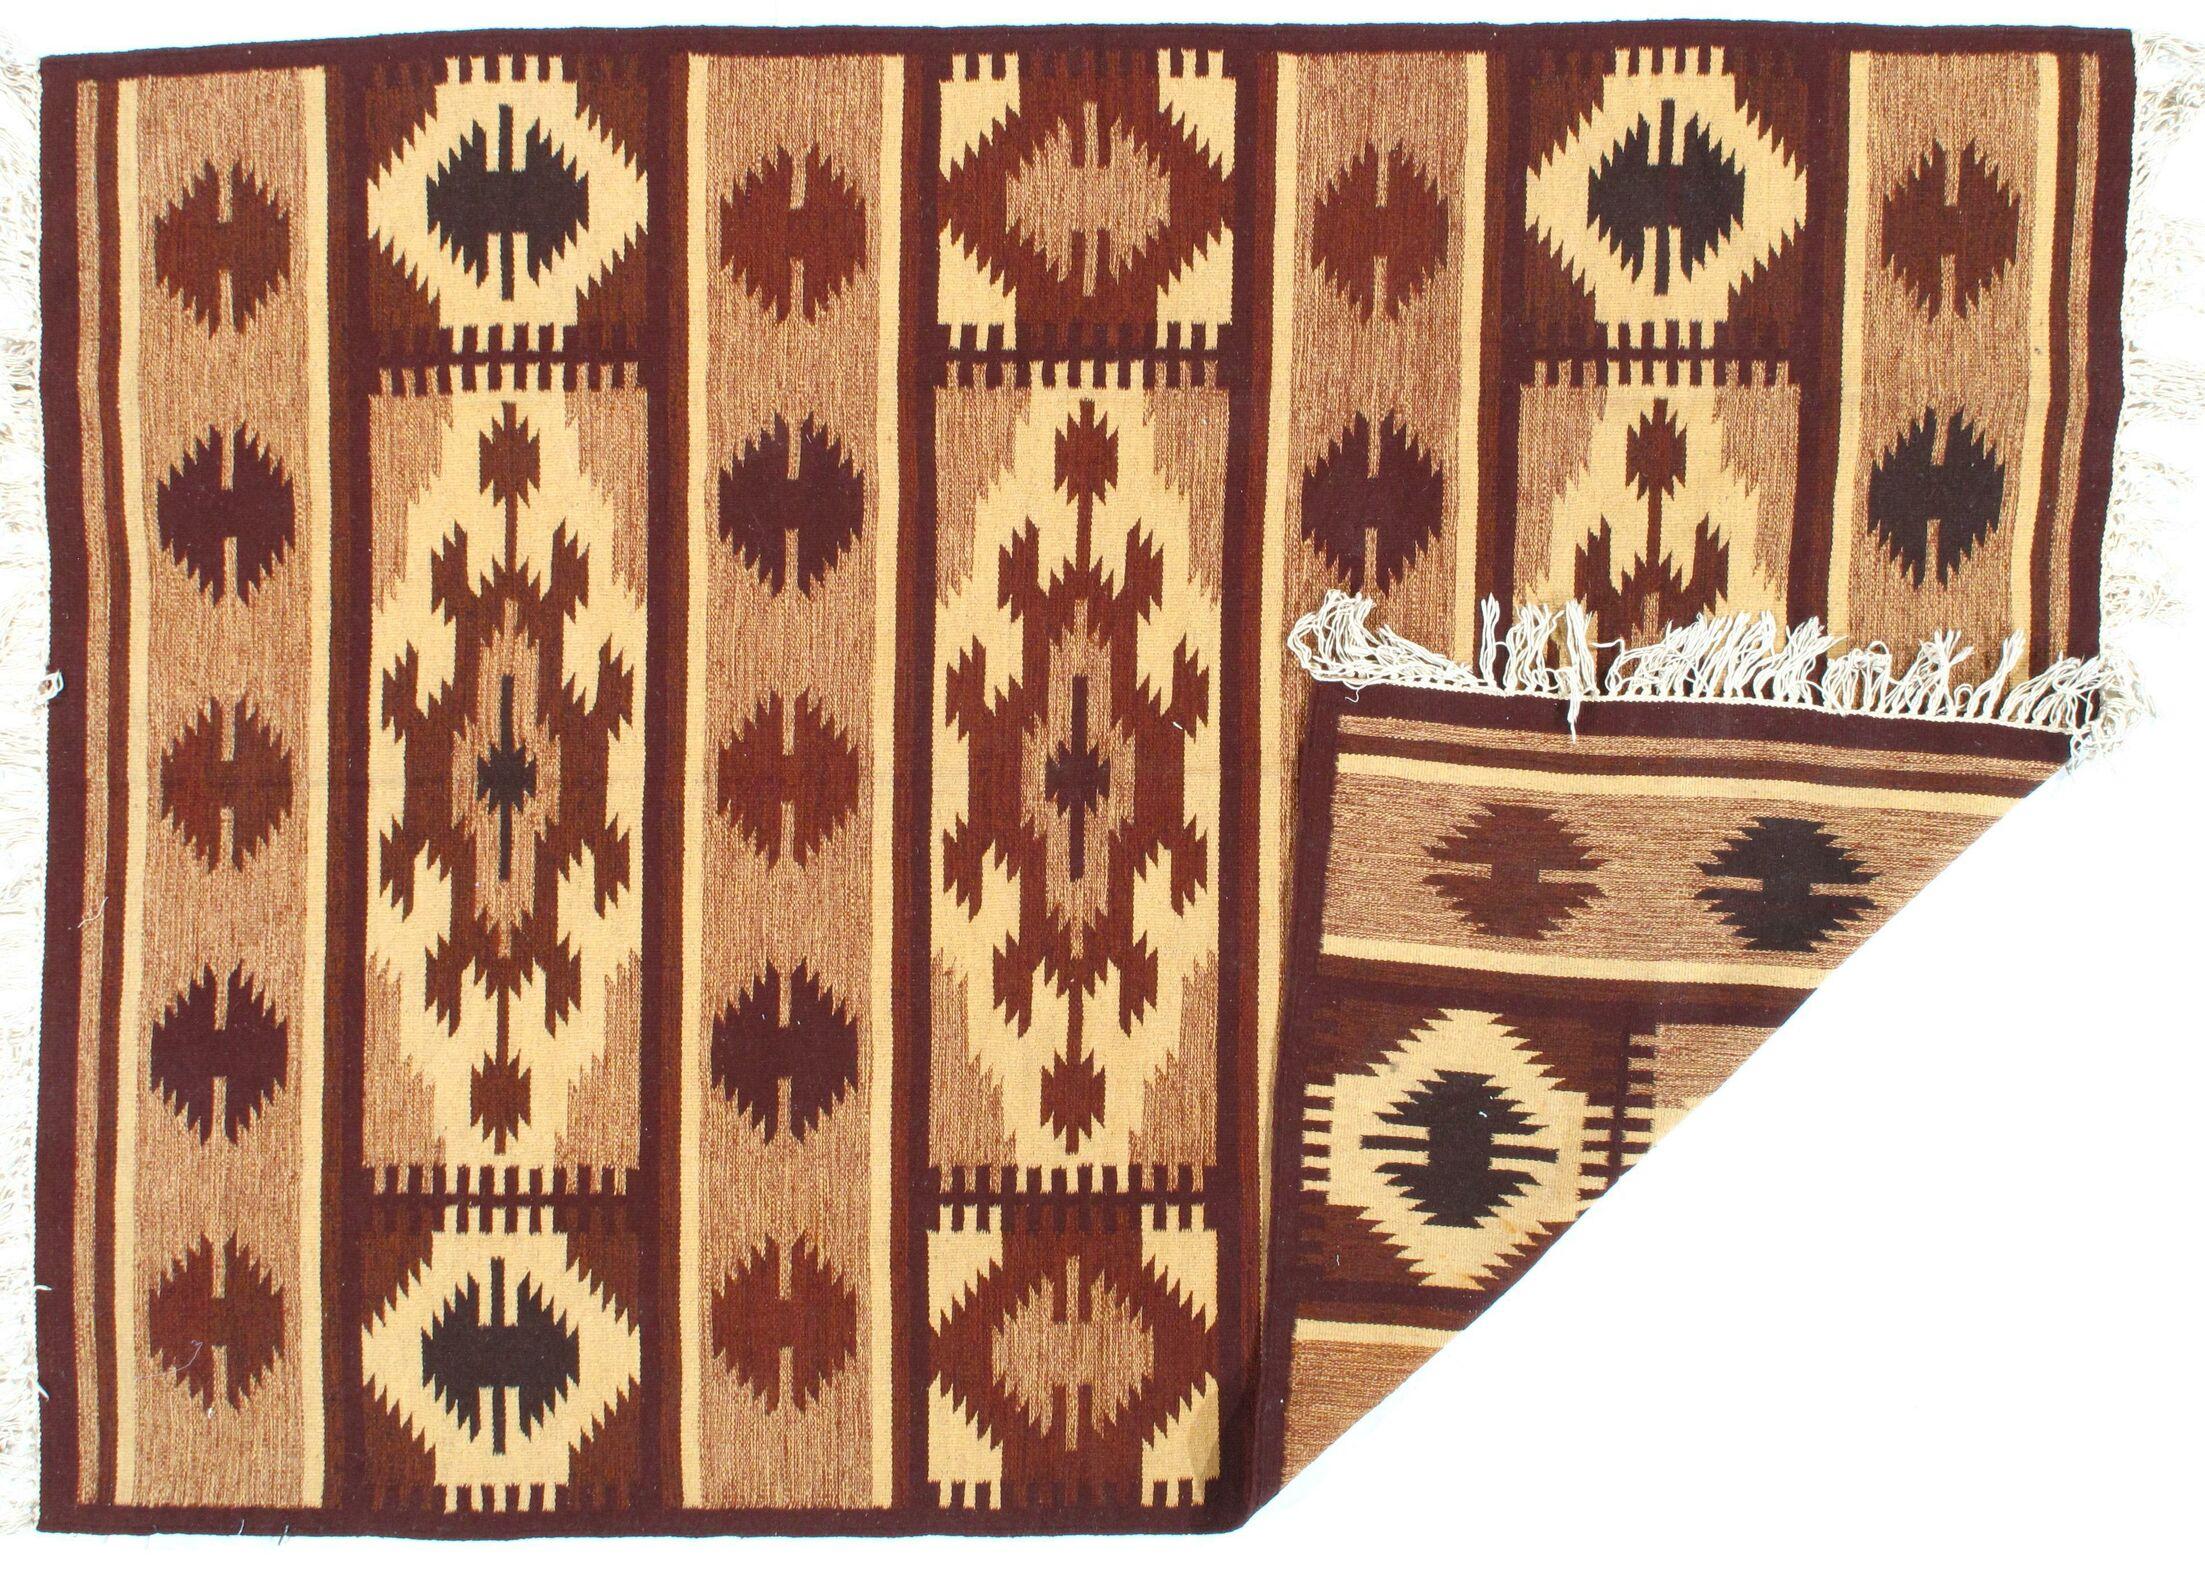 Afghan Hand-Woven Brown Area Rug